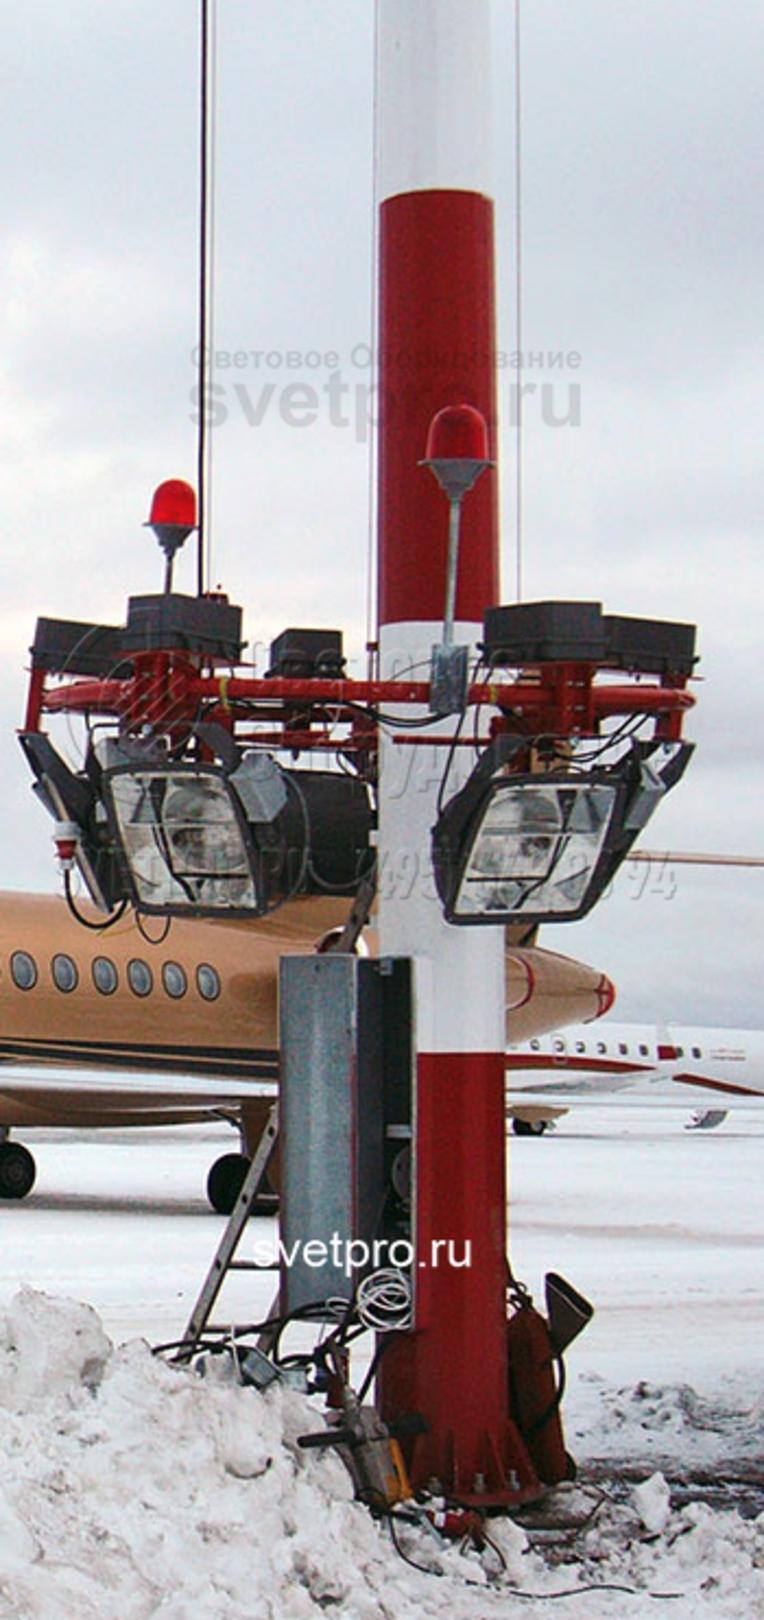 Установка прожекторов и ПРА на короне должно быть симметричным, это необходимо, чтобы при спуске и подъёме не было перекоса и заклинивания.